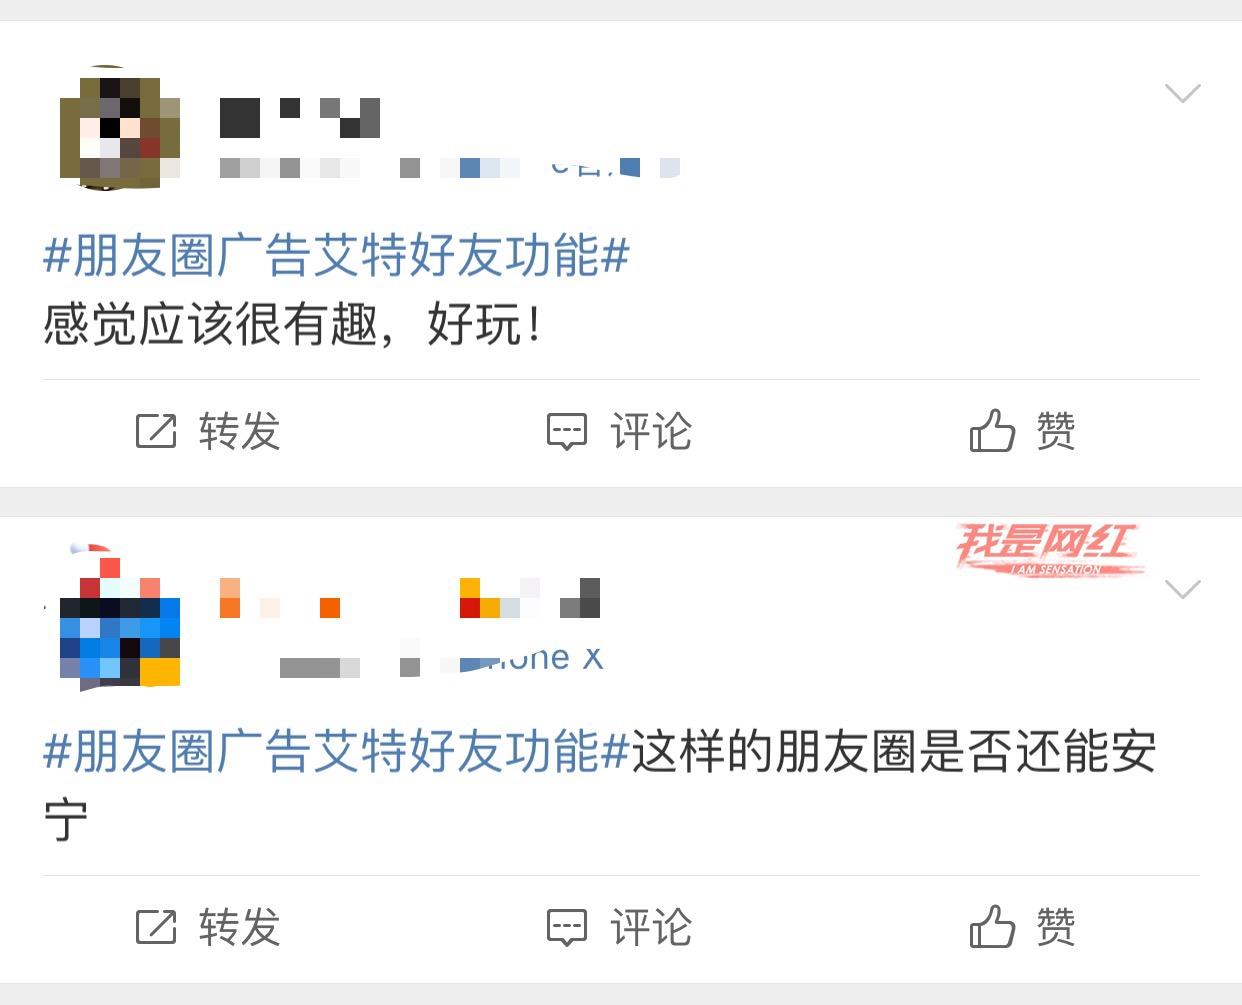 朋友圈广告@好友评论互动能力评论2